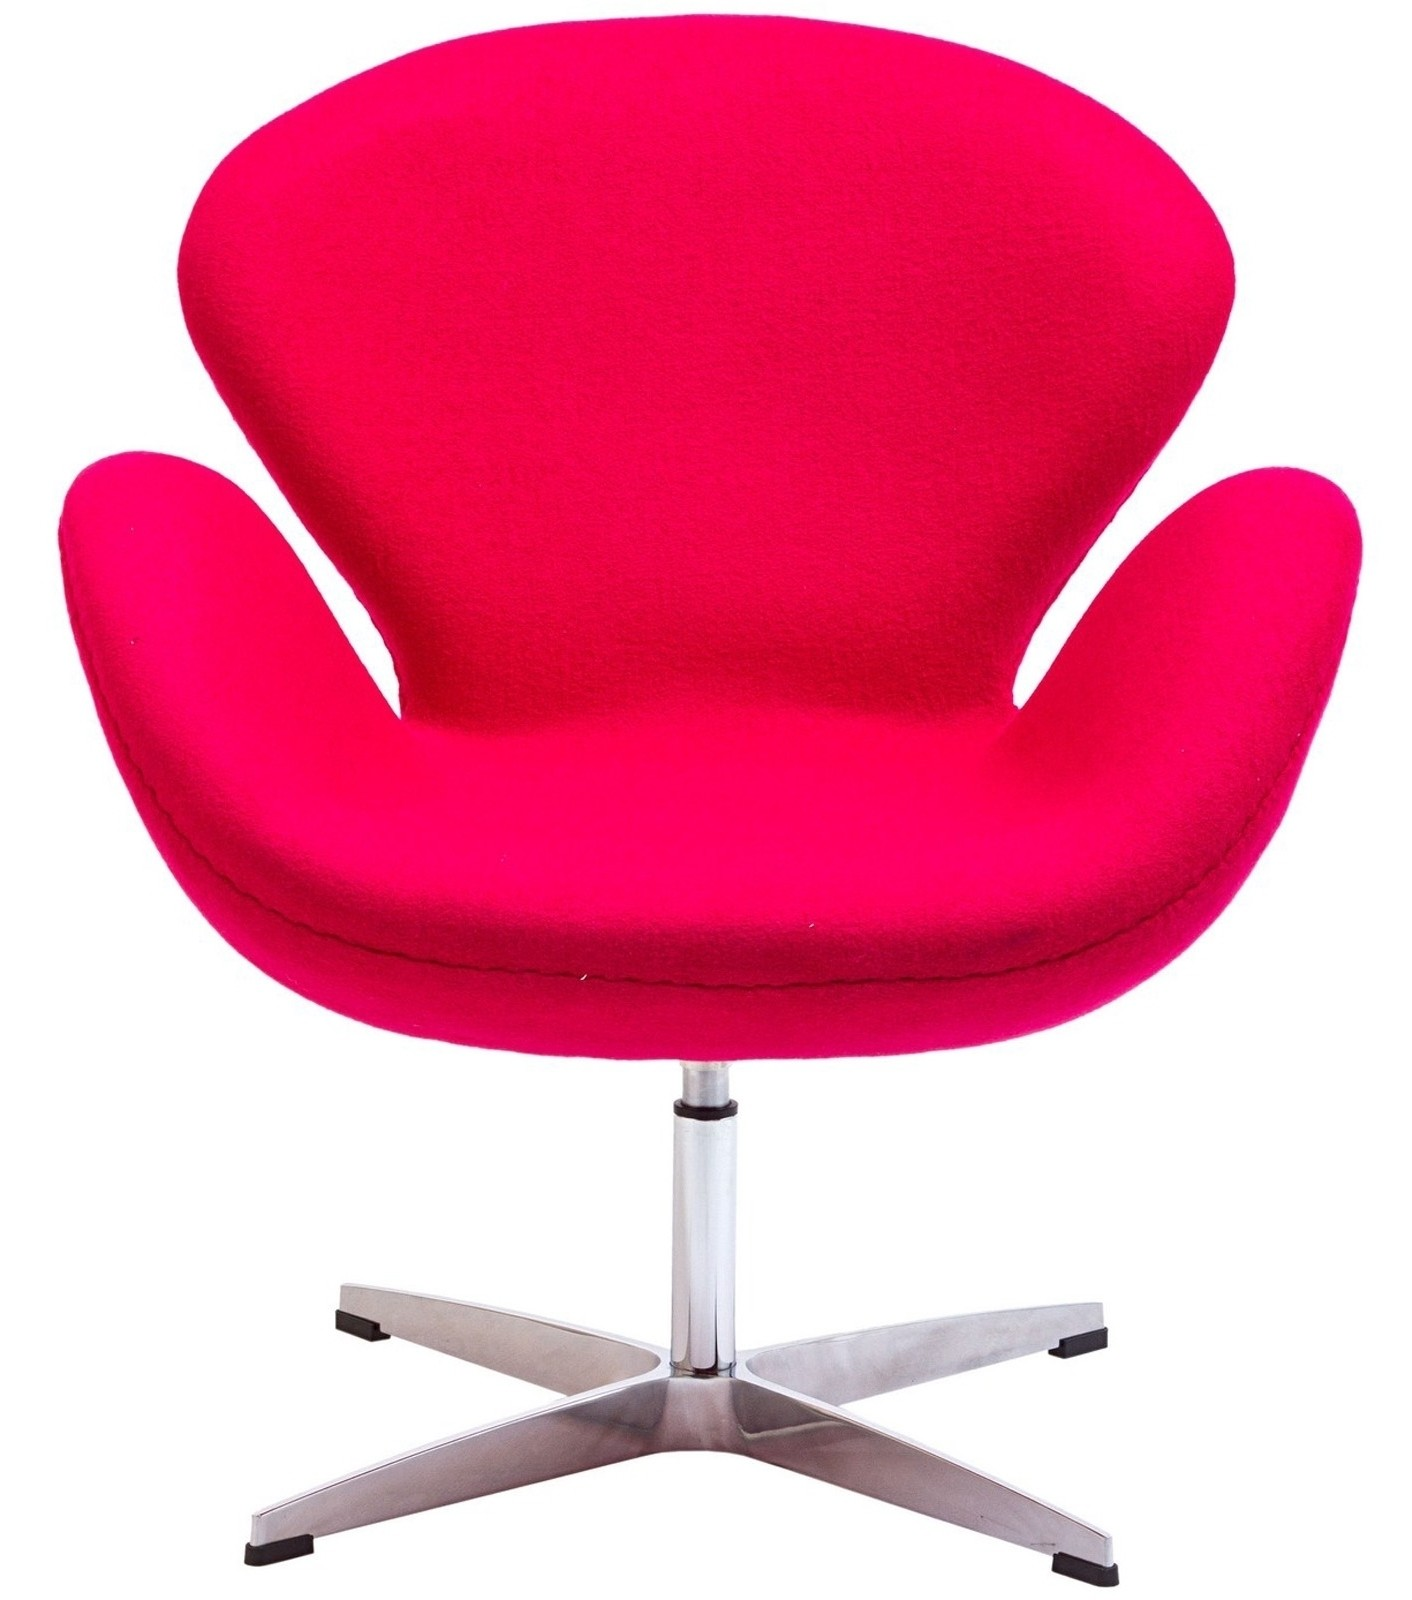 Wing chair in pink eei 137 pnk indoor furniture